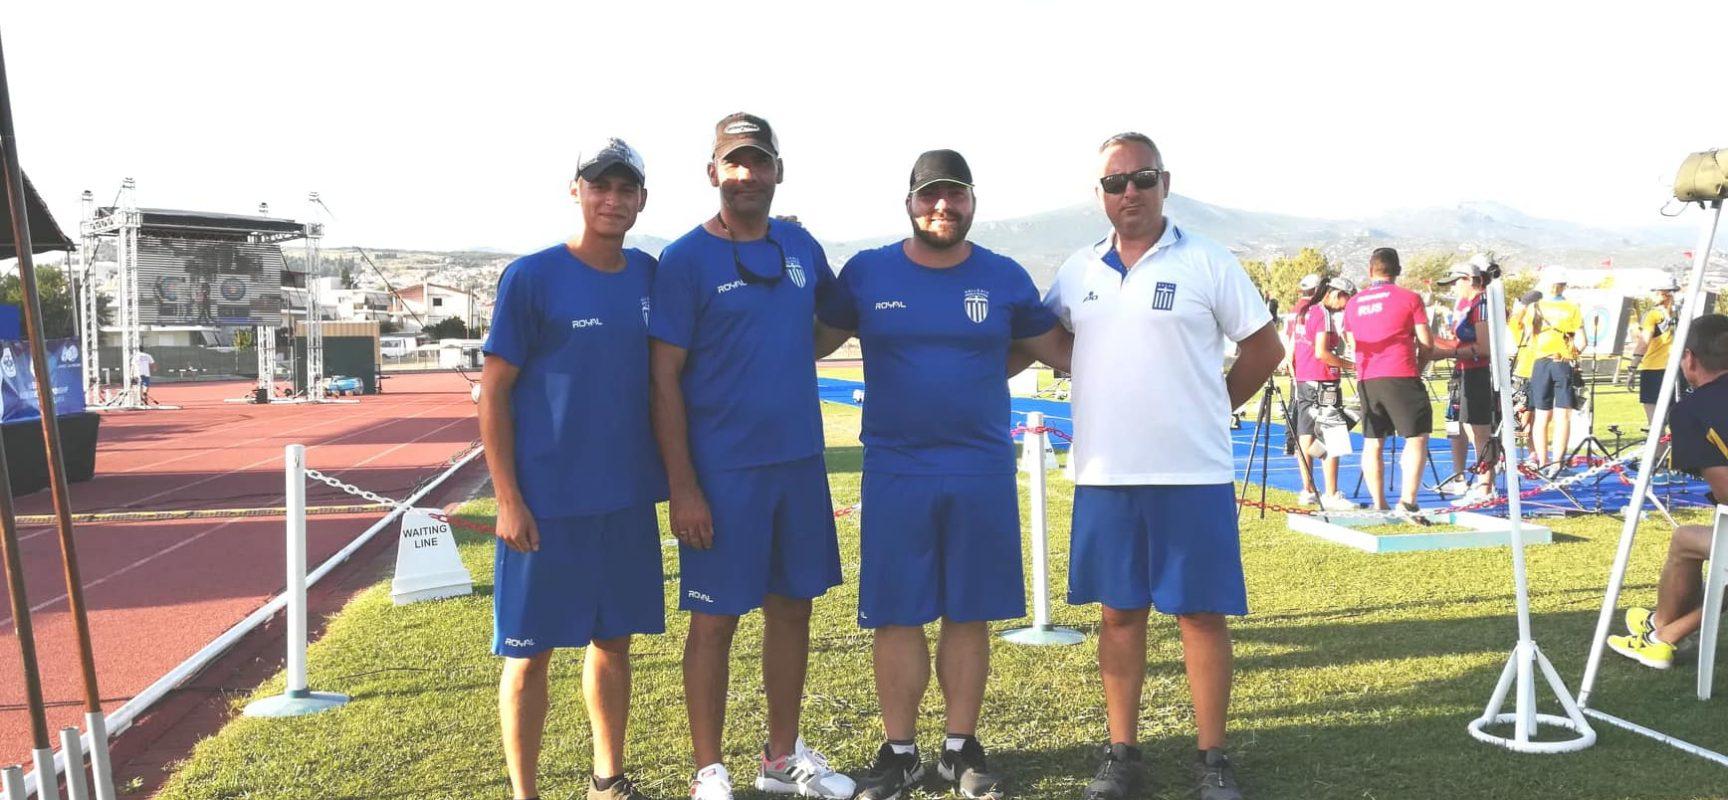 Ένα χρυσό και 4 χάλκινα για την Ελλάδα στο  Ευρωπαϊκό Στρατιωτικό Πρωτάθλημα Τοξοβολίας